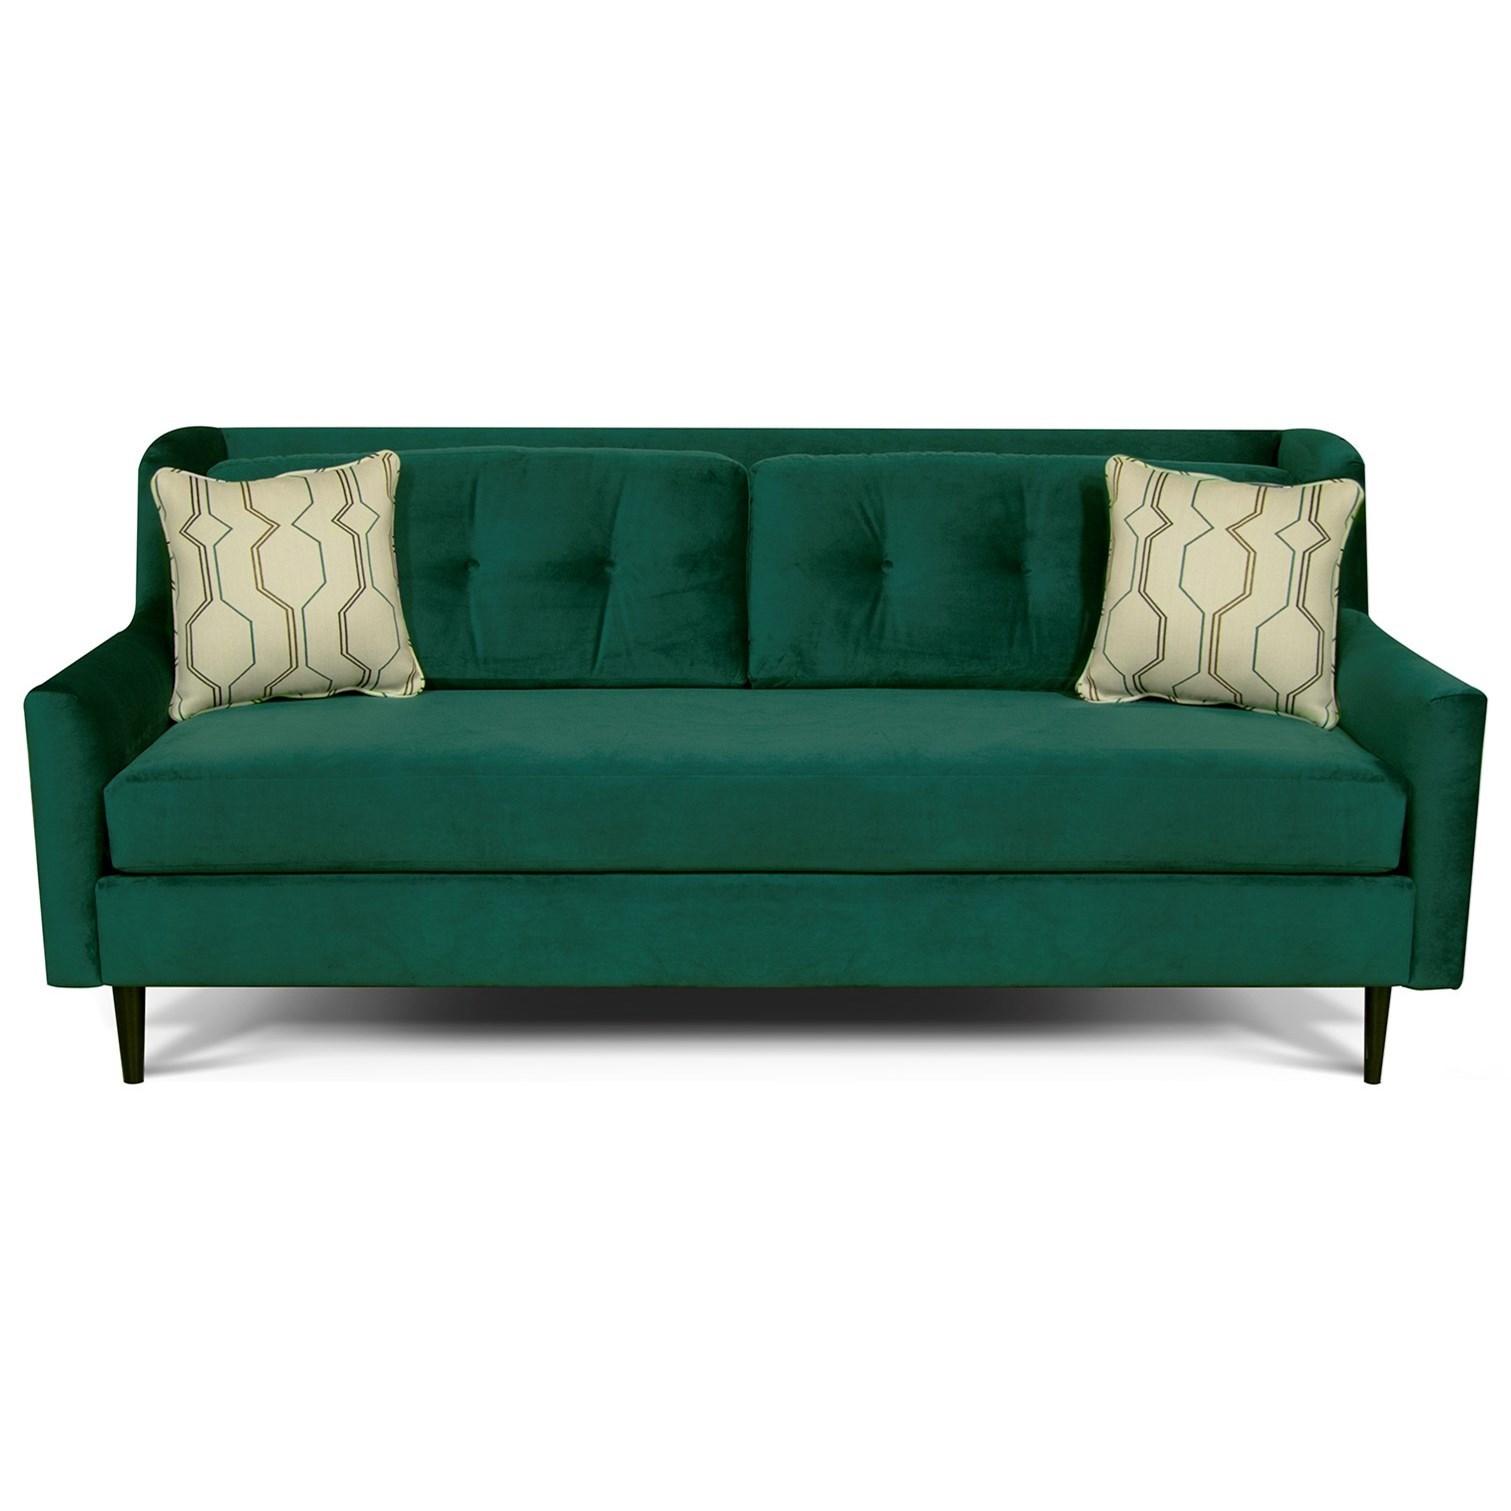 Good Simple Coconis Furniture Zanesville Ohio With Coconis Furniture Zanesville  Ohio